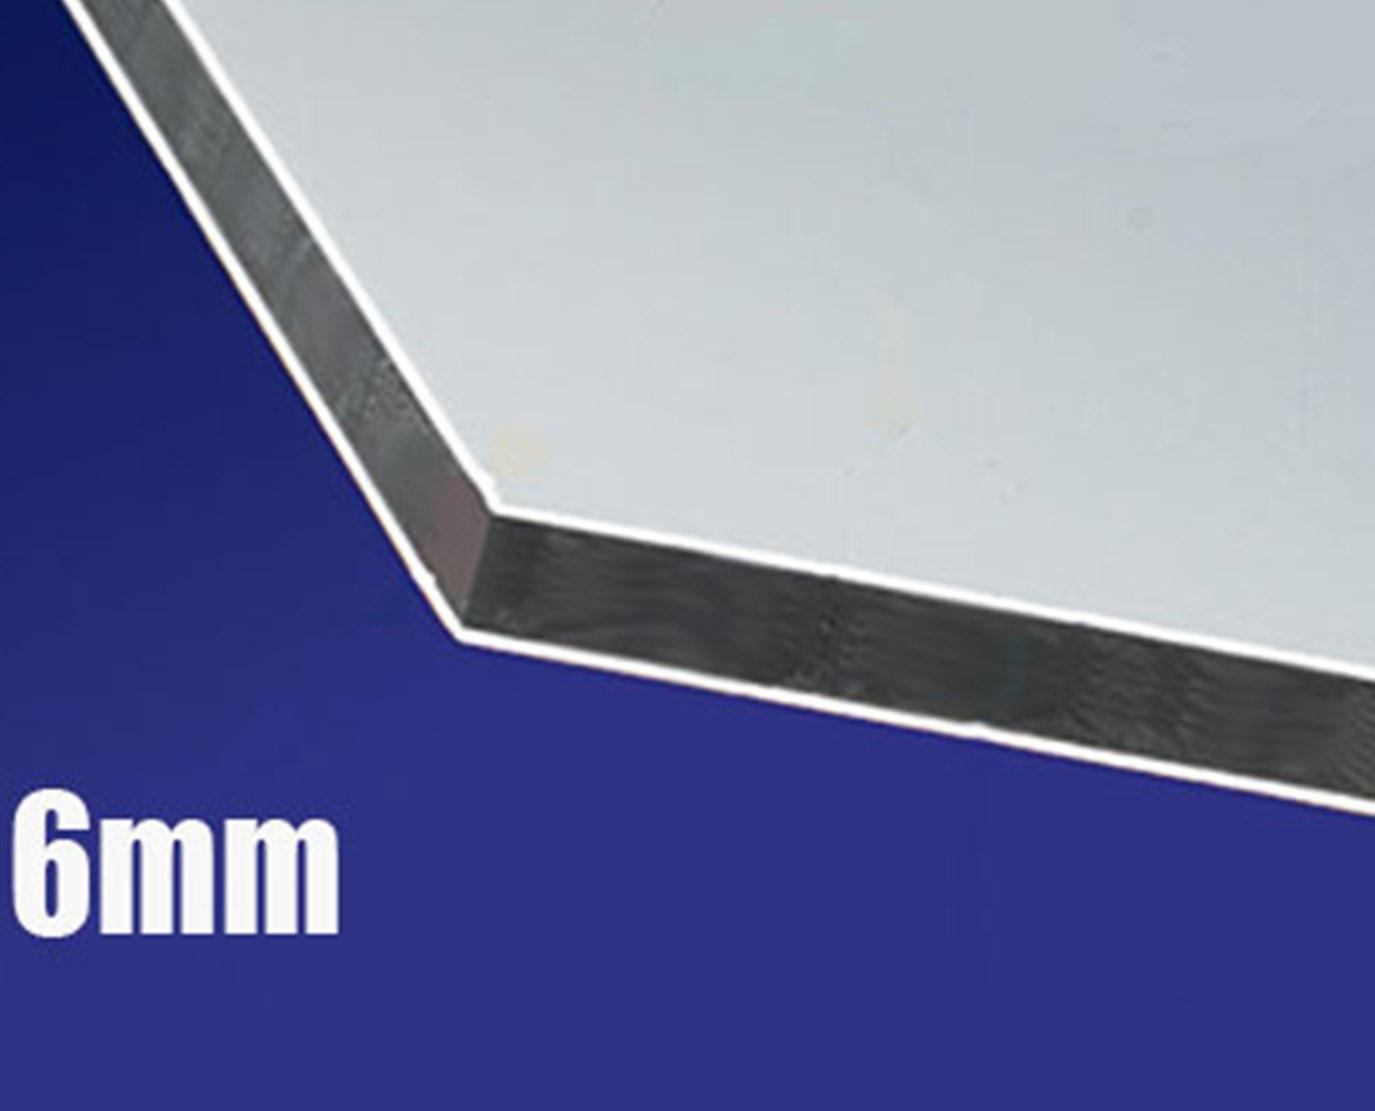 6mm dibond sign material